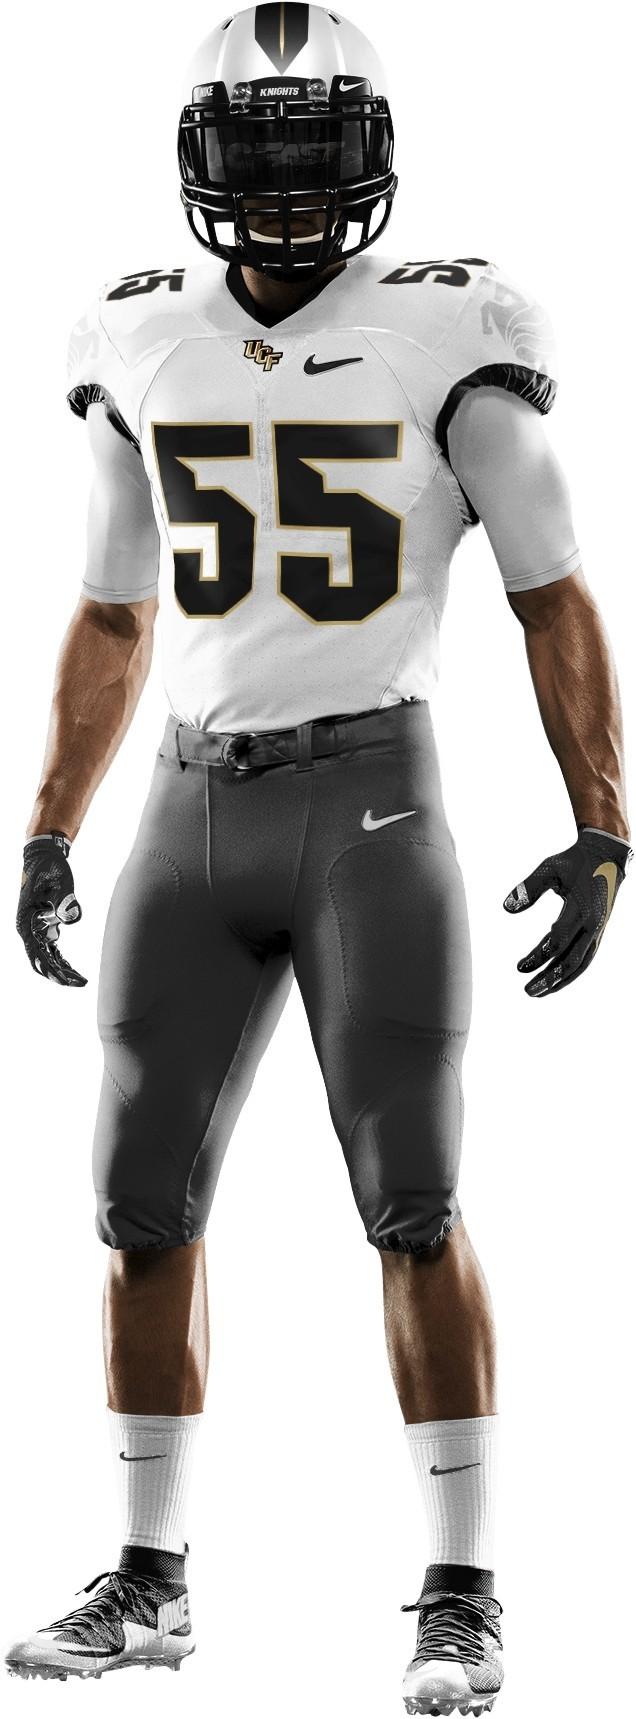 0d65d418733 UCF football uniforms - Capital Gazette